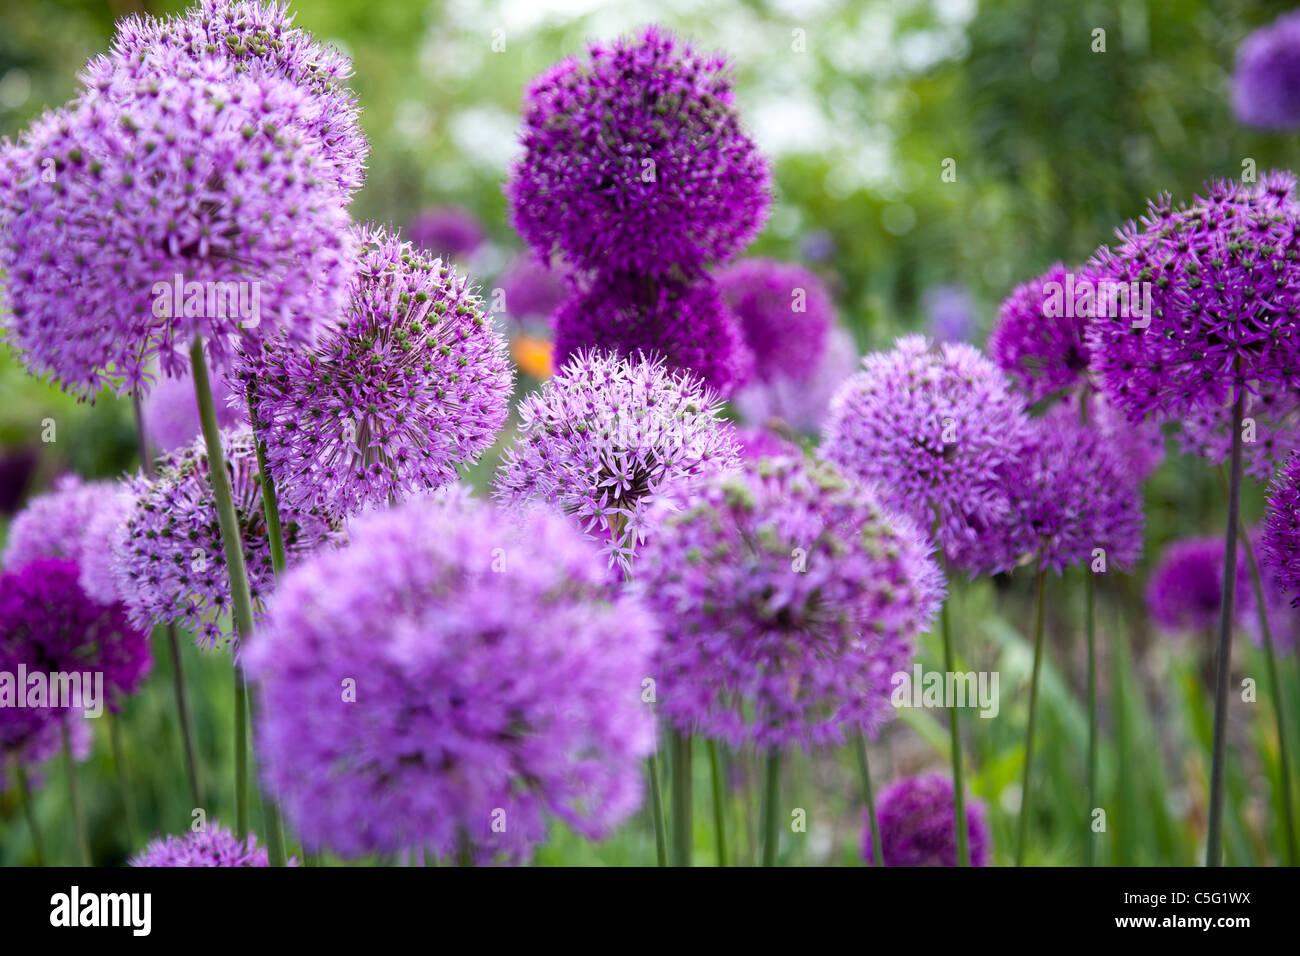 Allium aflatuense - Stock Image